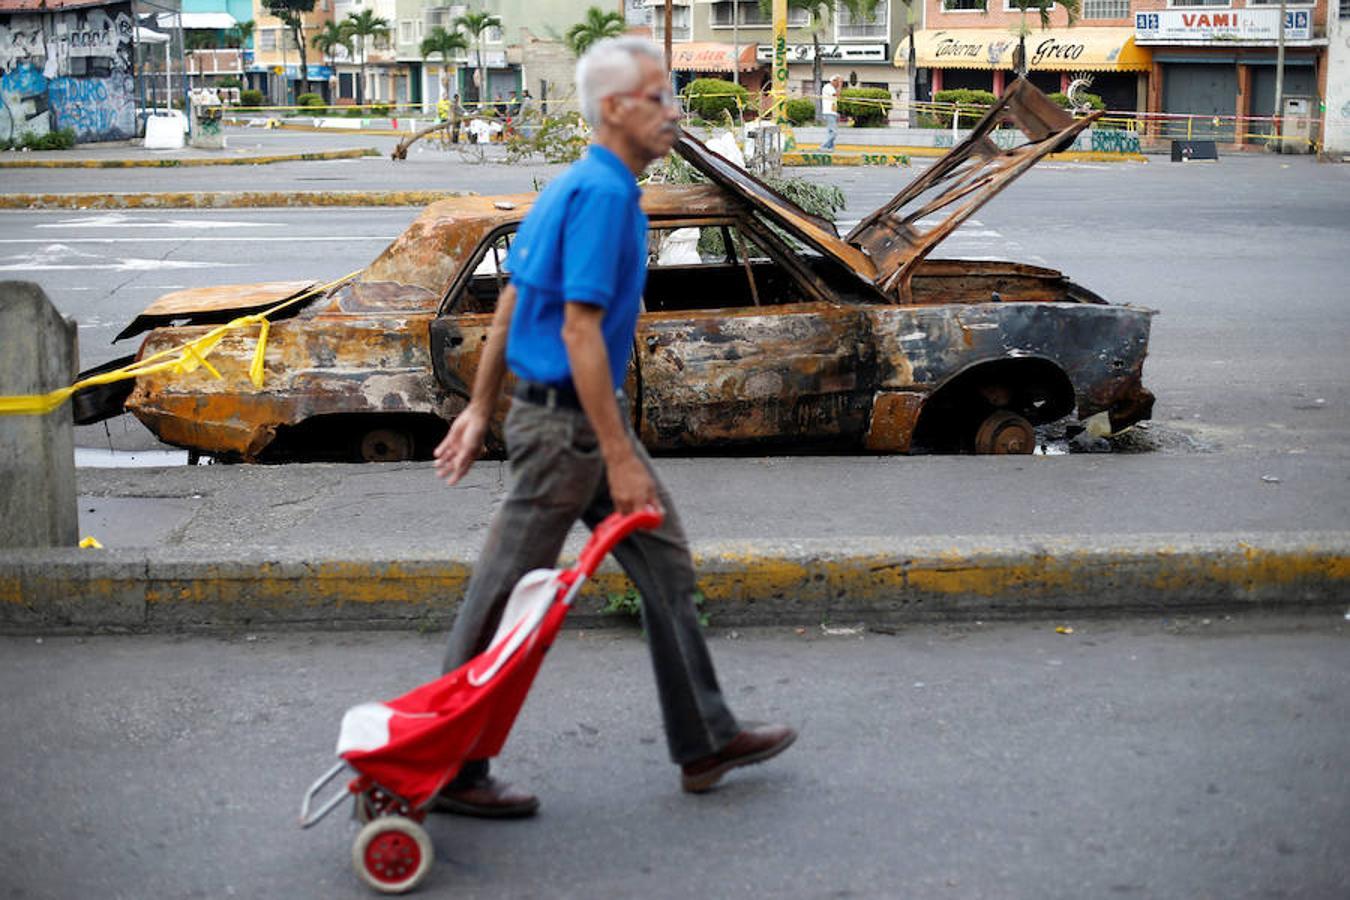 https://i1.wp.com/www.abc.es/media/MM/2017/07/27/huelga-general-venezuela23-U10109771206xc--1350x900@abc.jpg